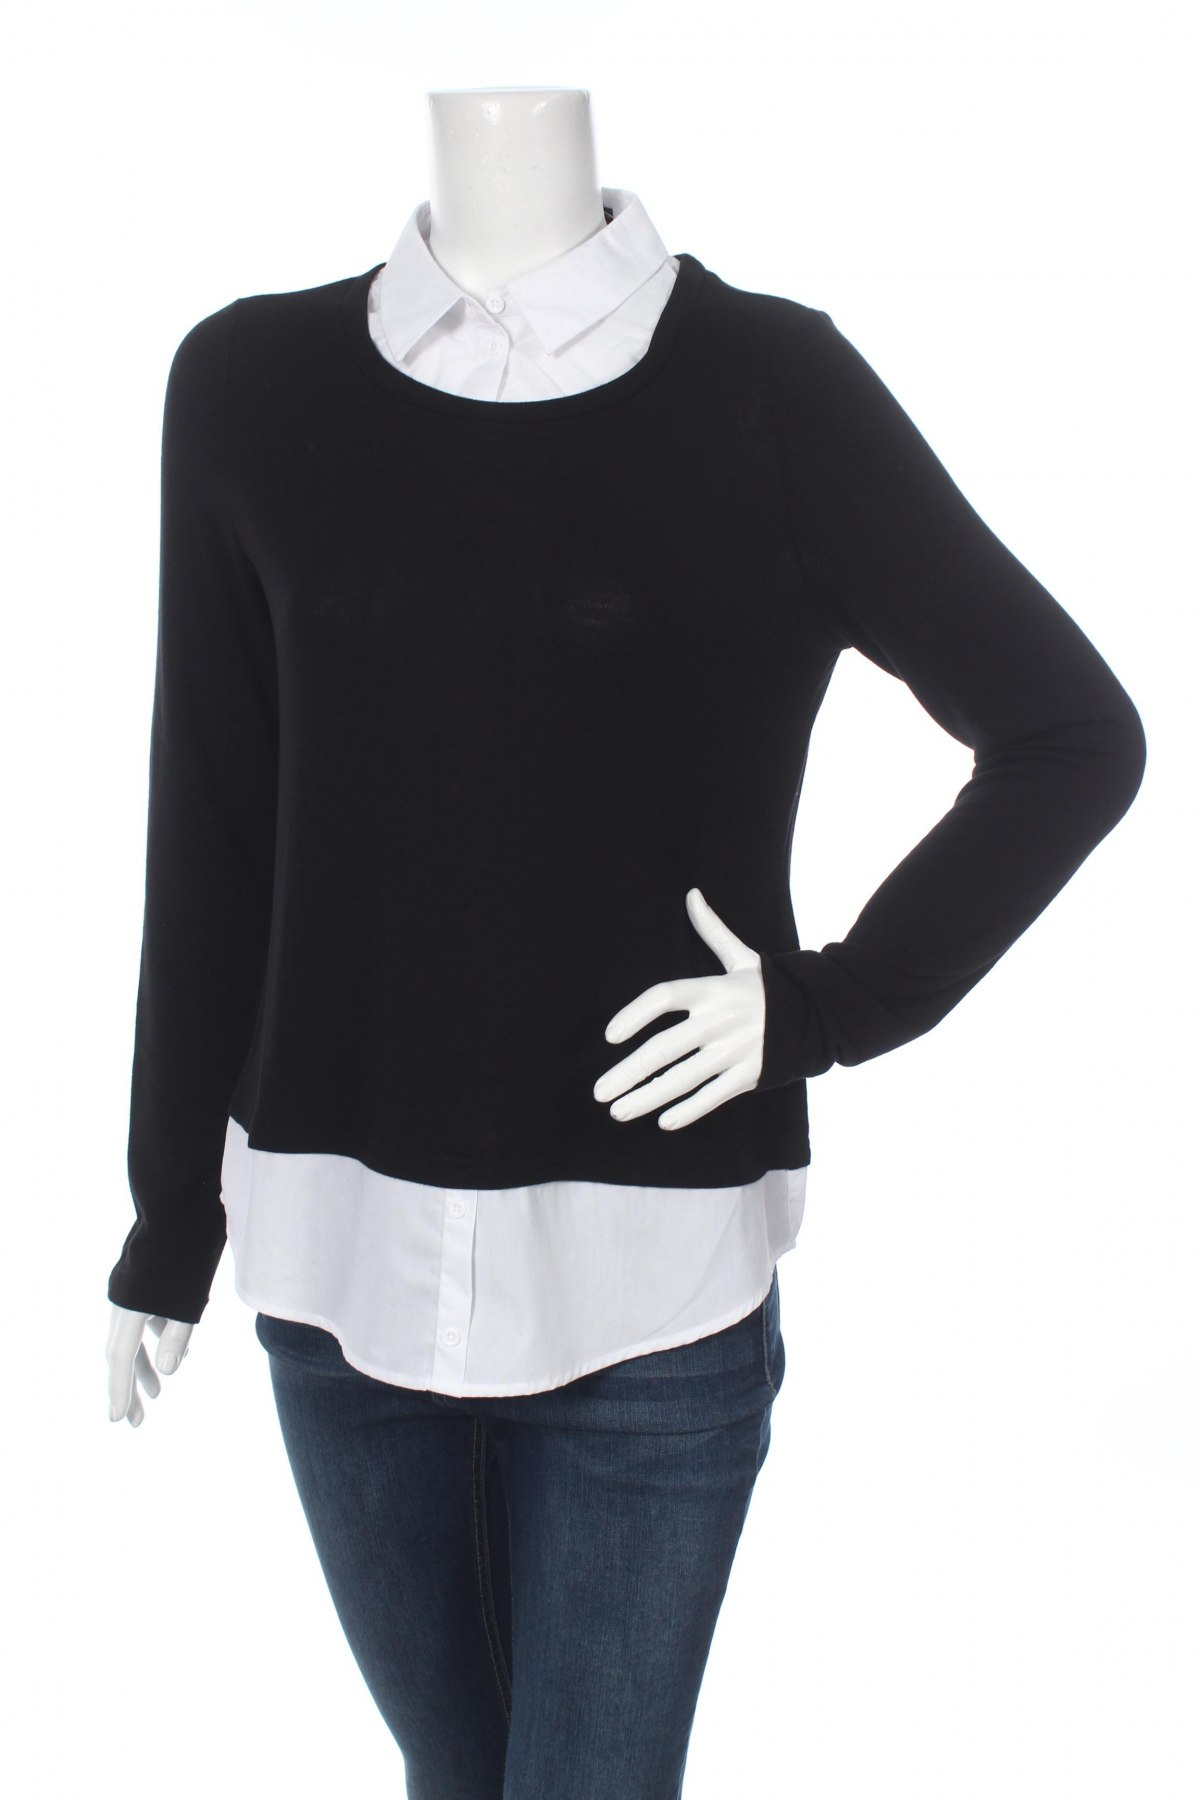 f8729bc907 Γυναικείες Μπλούζες - επιλέξτε σε τιμές που συμφέρουν στο Remix